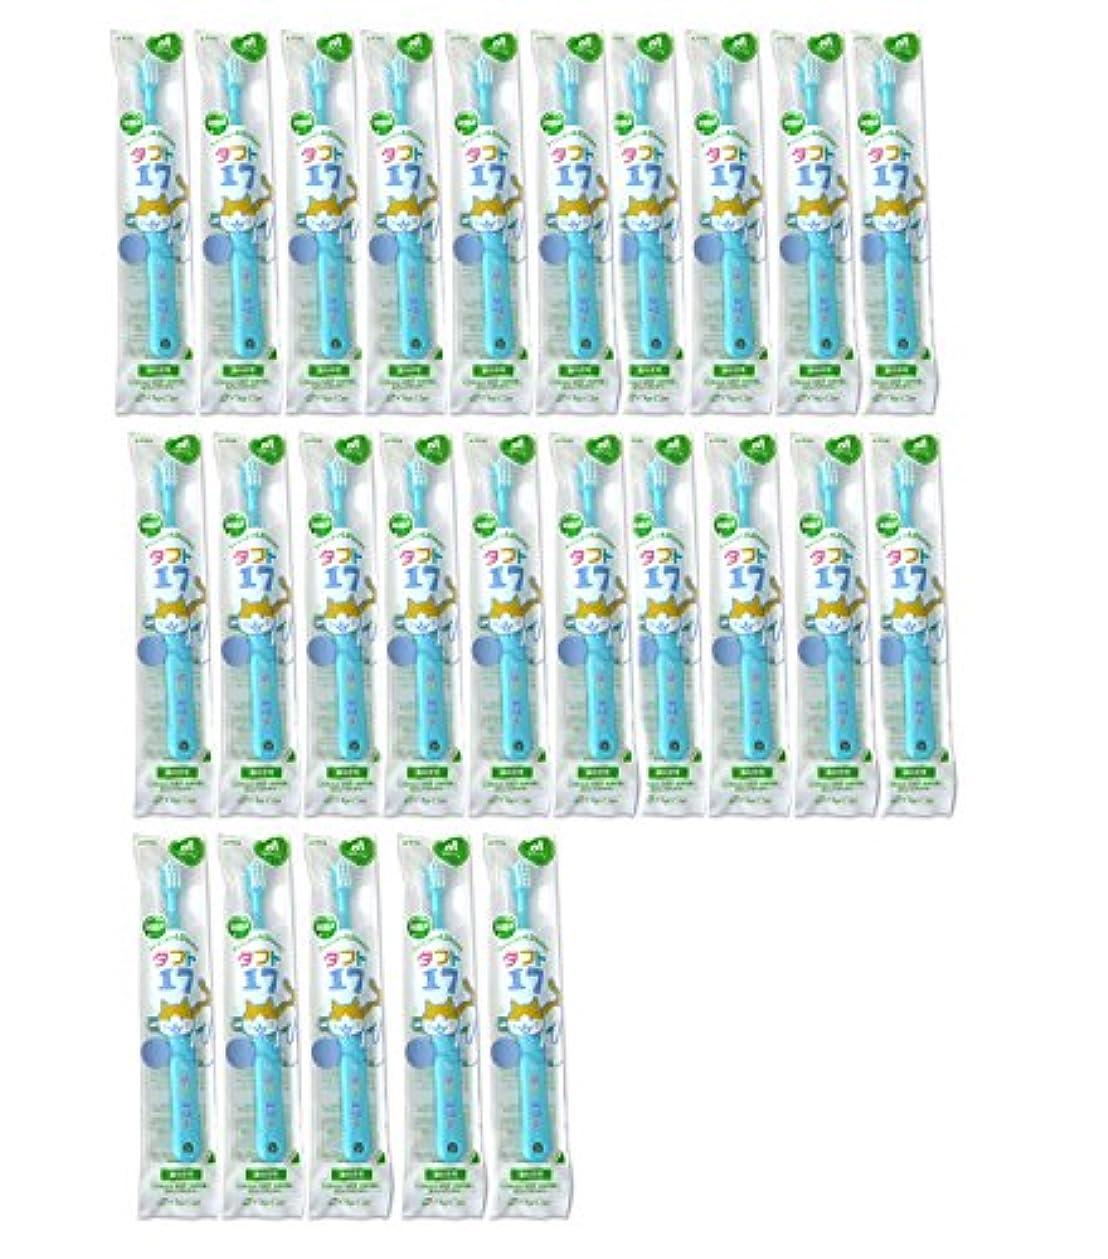 祈り入浴解釈するタフト17 25本 オーラルケア 【タフト17/ミディアム 子供】 乳歯列(1~7歳用)こども歯ブラシ便不 ブルー